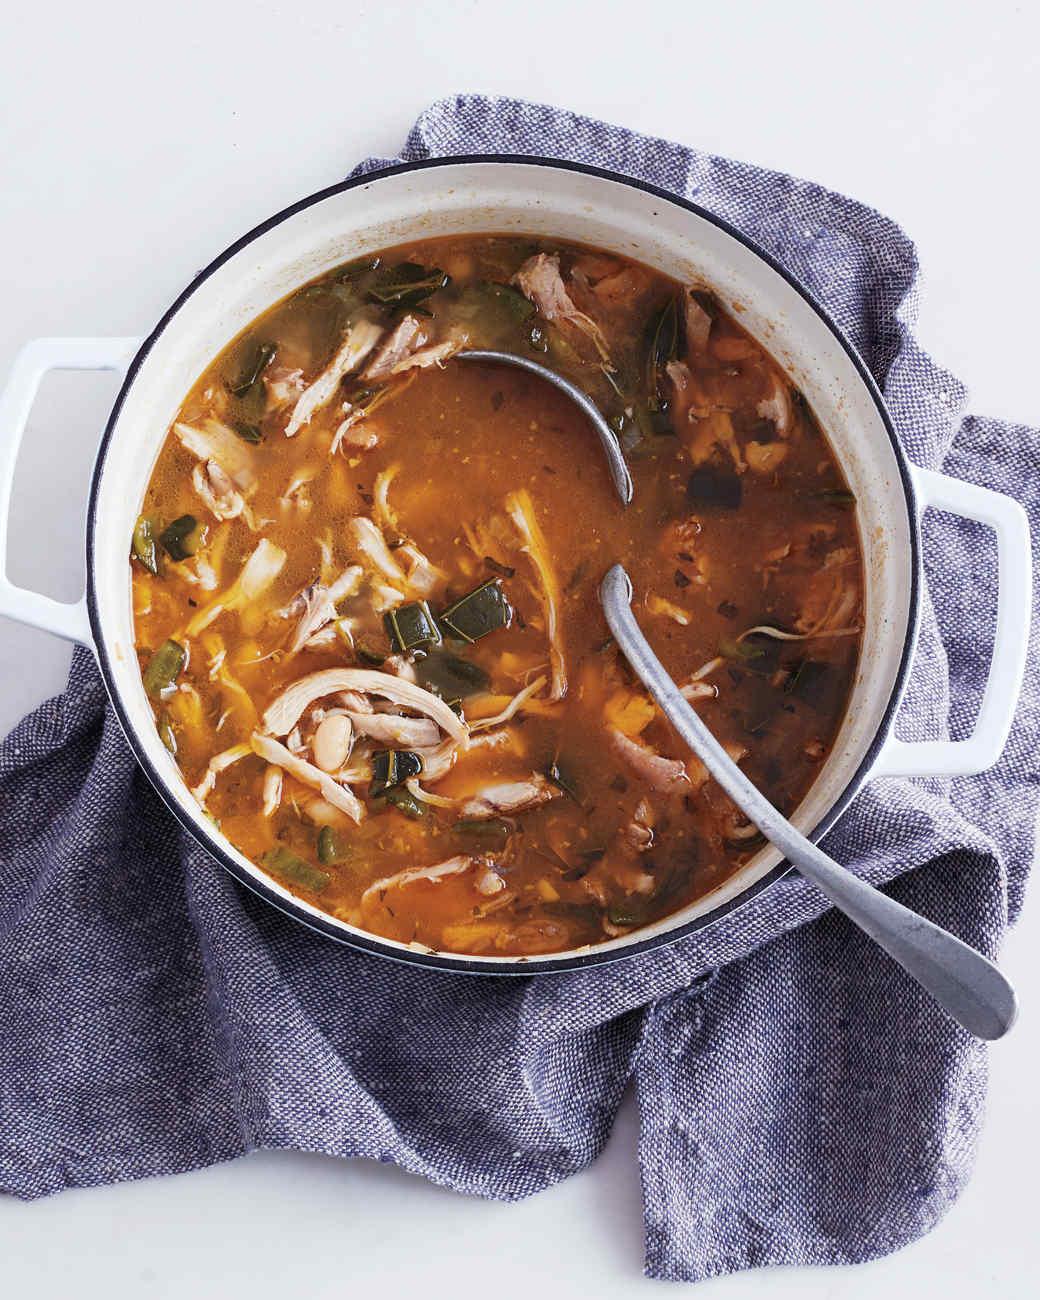 chicken-chili-stew-097-exp-1-d111325-1014.jpg